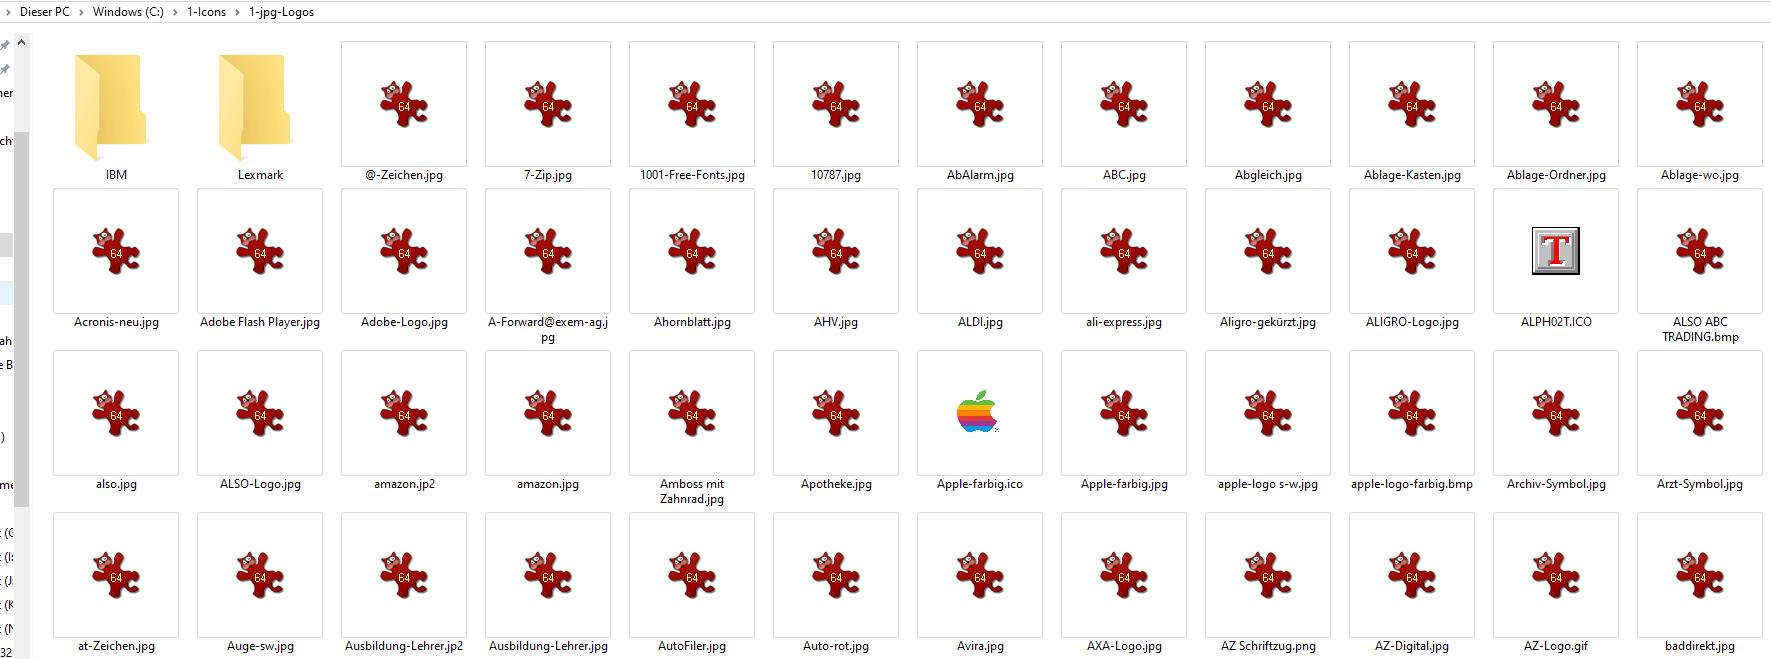 jpg-Files werden unterschiedlich dargestellt: einmal als Programm-Symbol (IrfanView) und...